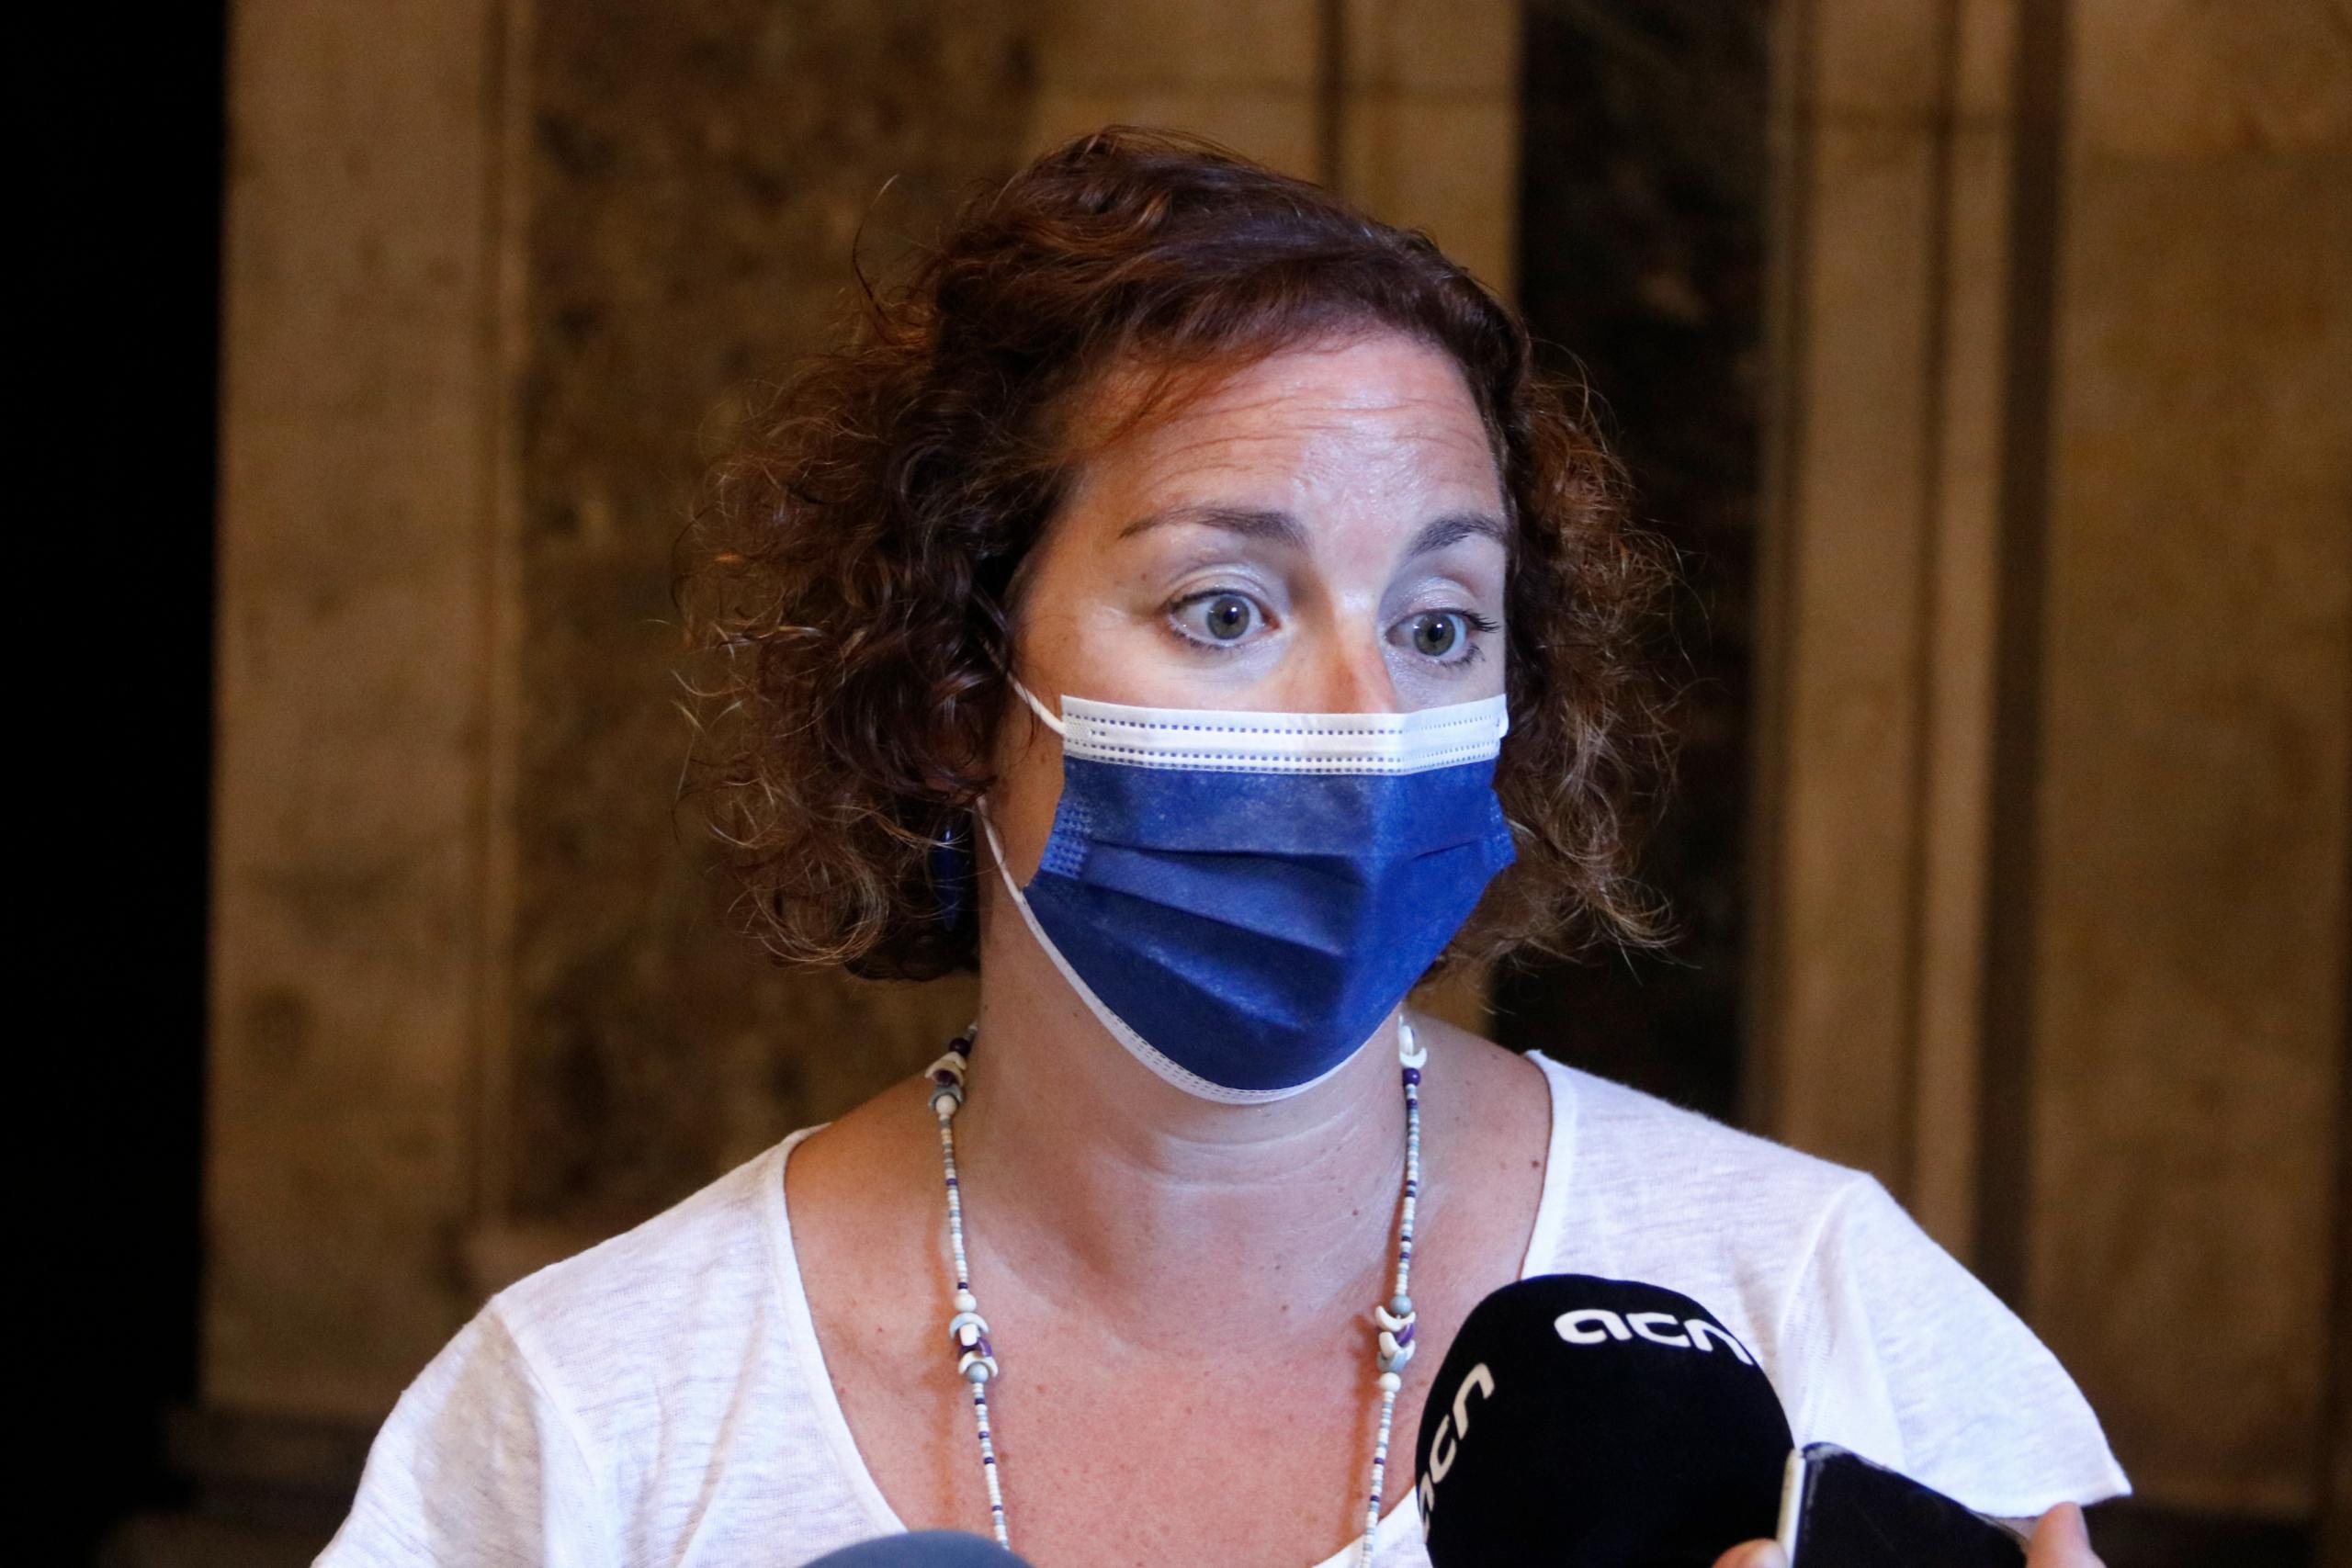 La portaveu del PSC-Units al Parlament, Alícia Romero / ACN